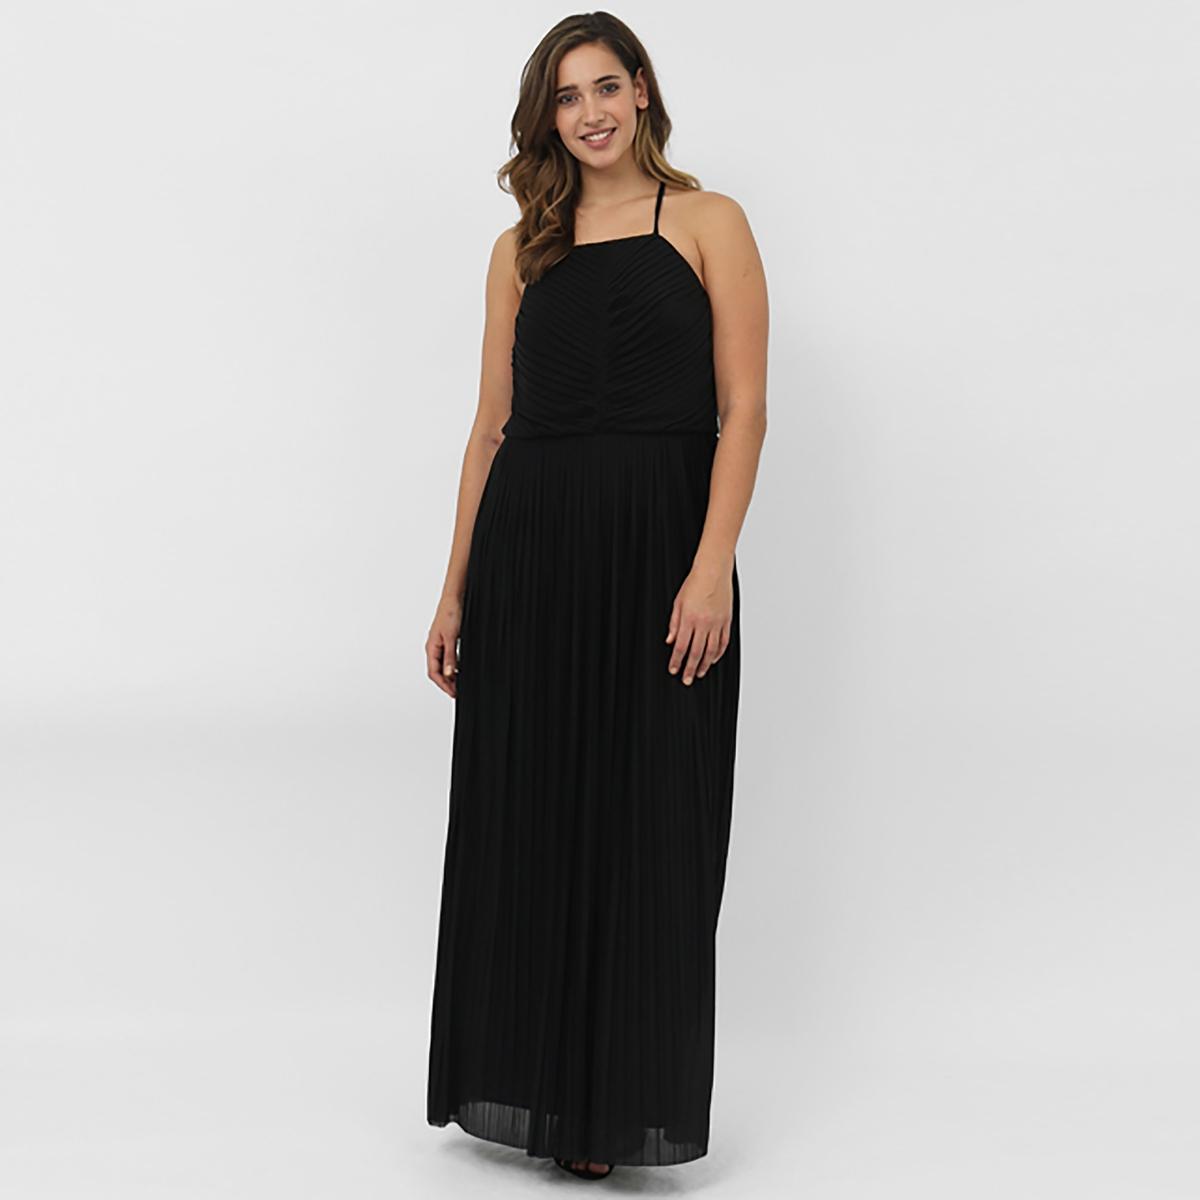 ПлатьеПлатье LOVEDROBE. Длинное платье на тонких бретелях. Бретели перекрещиваются сзади. Длина около 148 см. 100% полиэстера<br><br>Цвет: черный